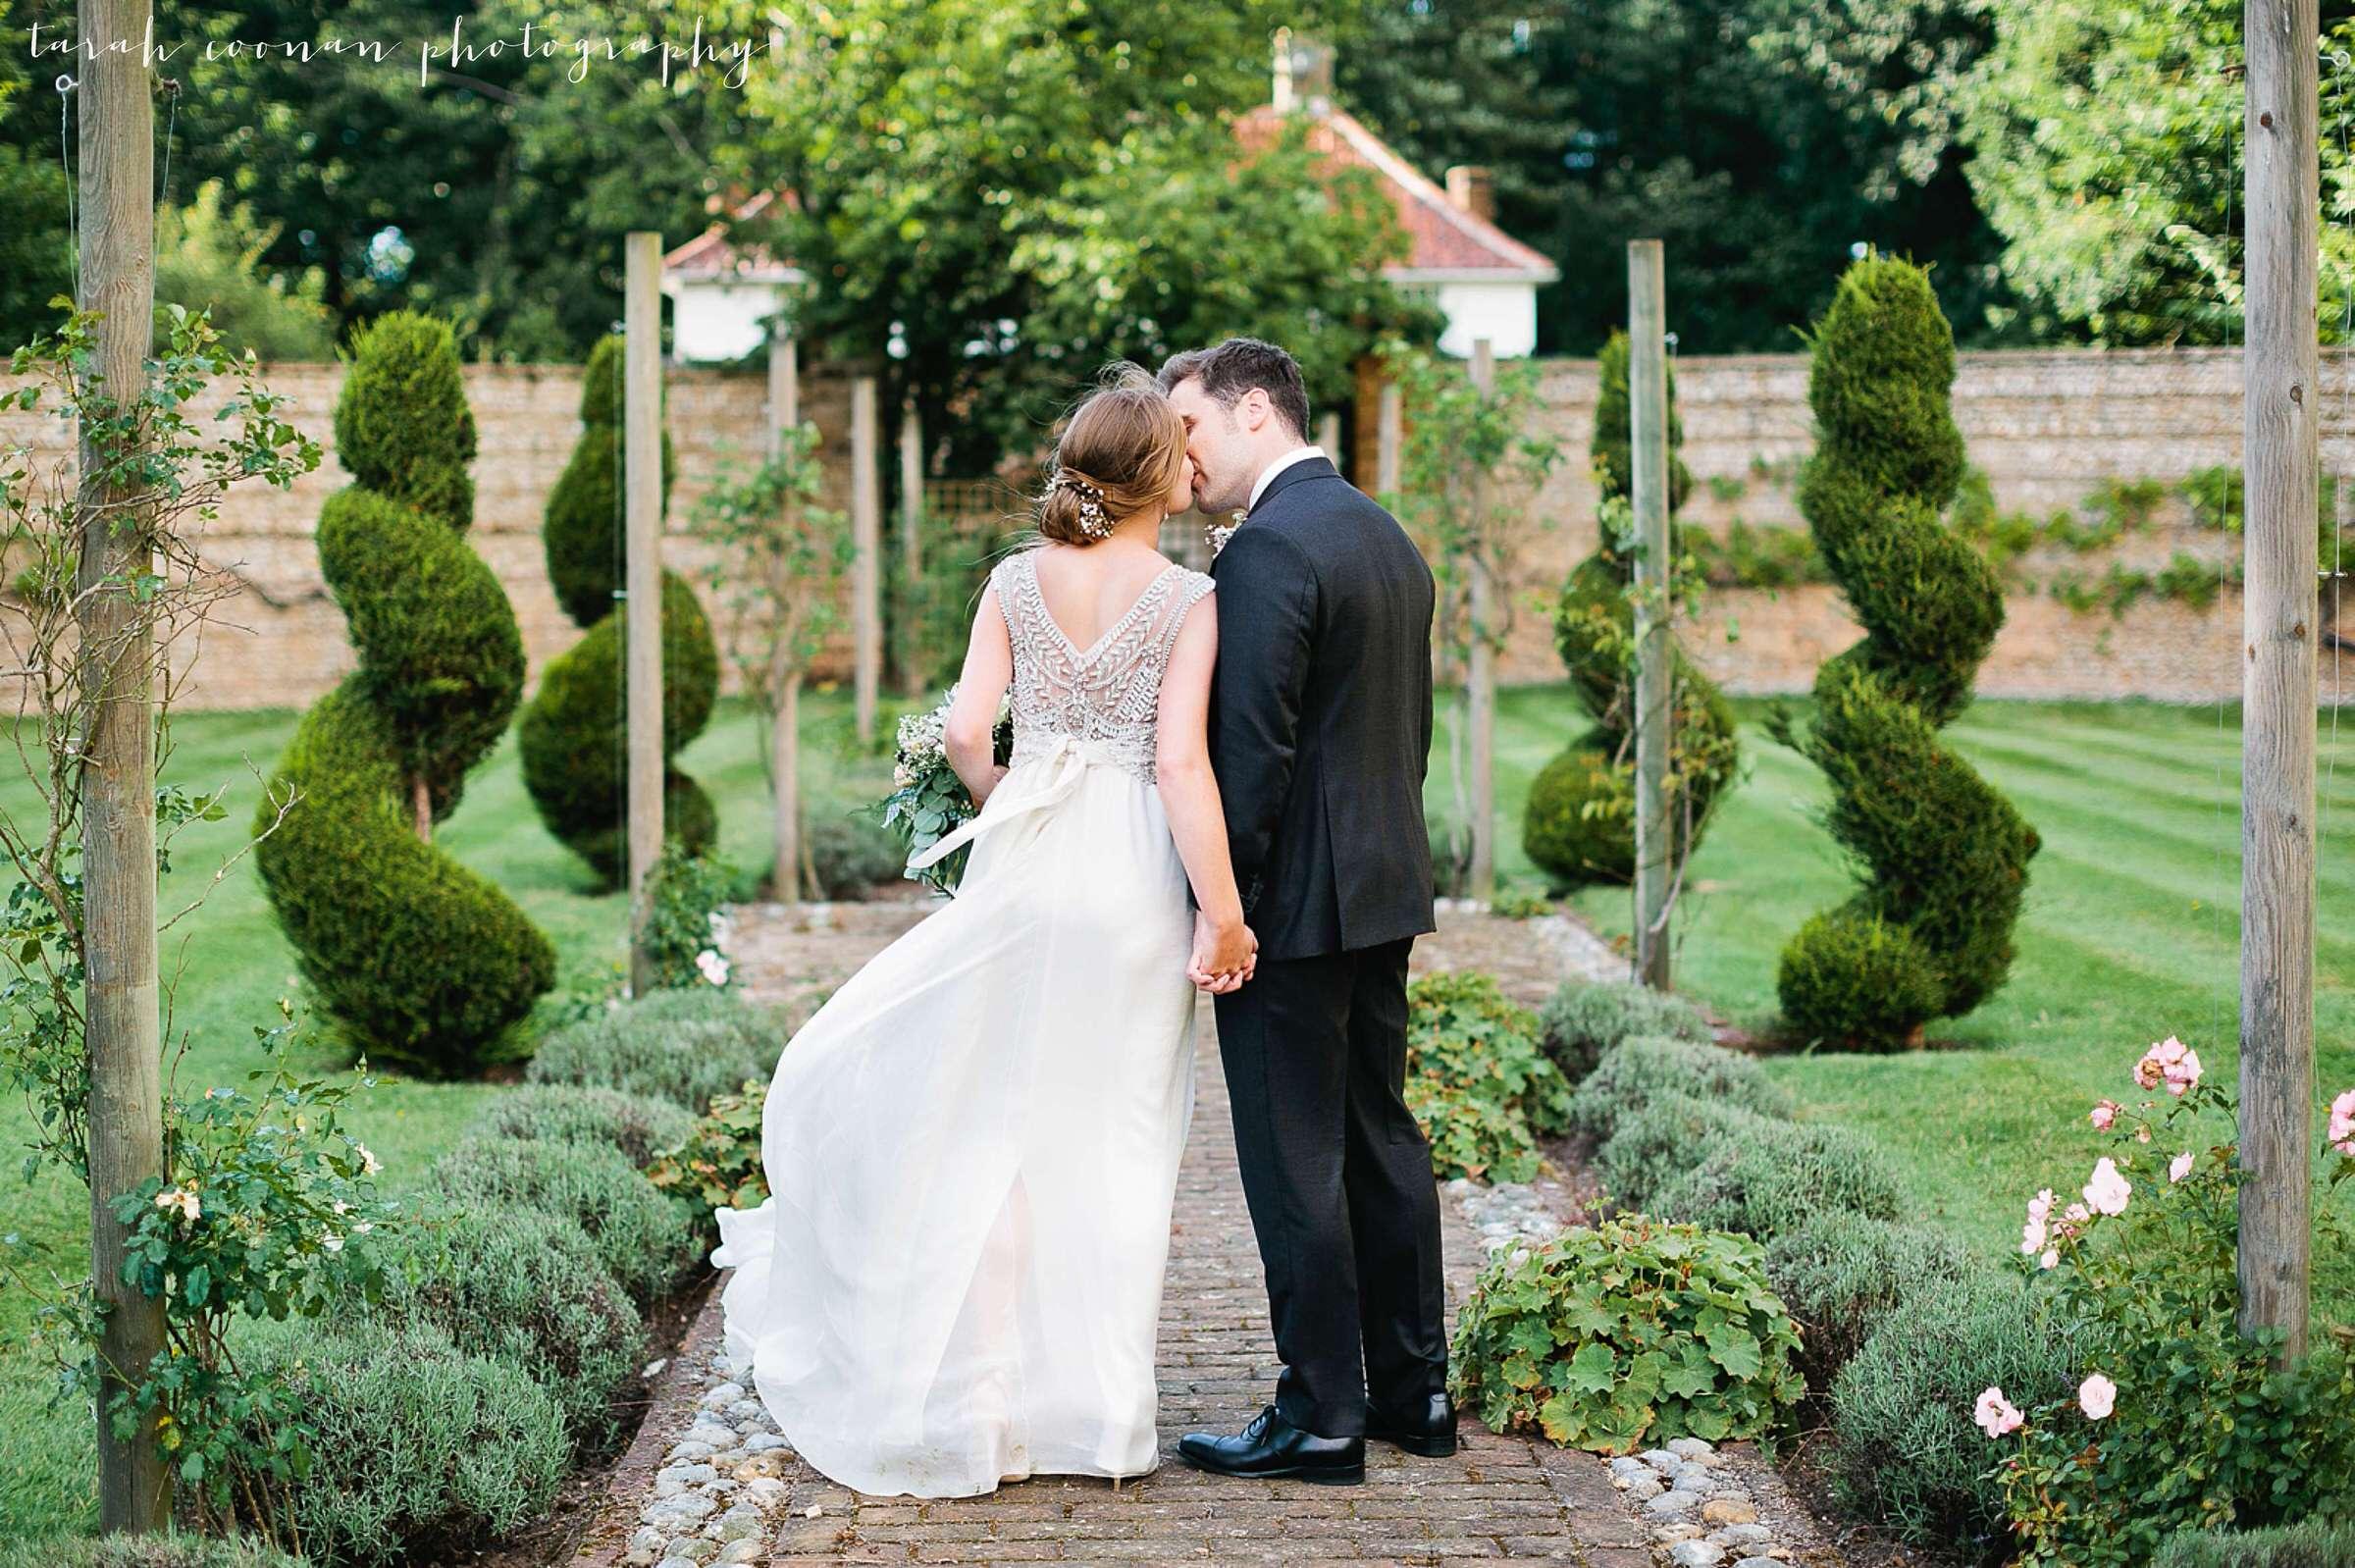 Voewood Wedding - Rich & Kaitlin